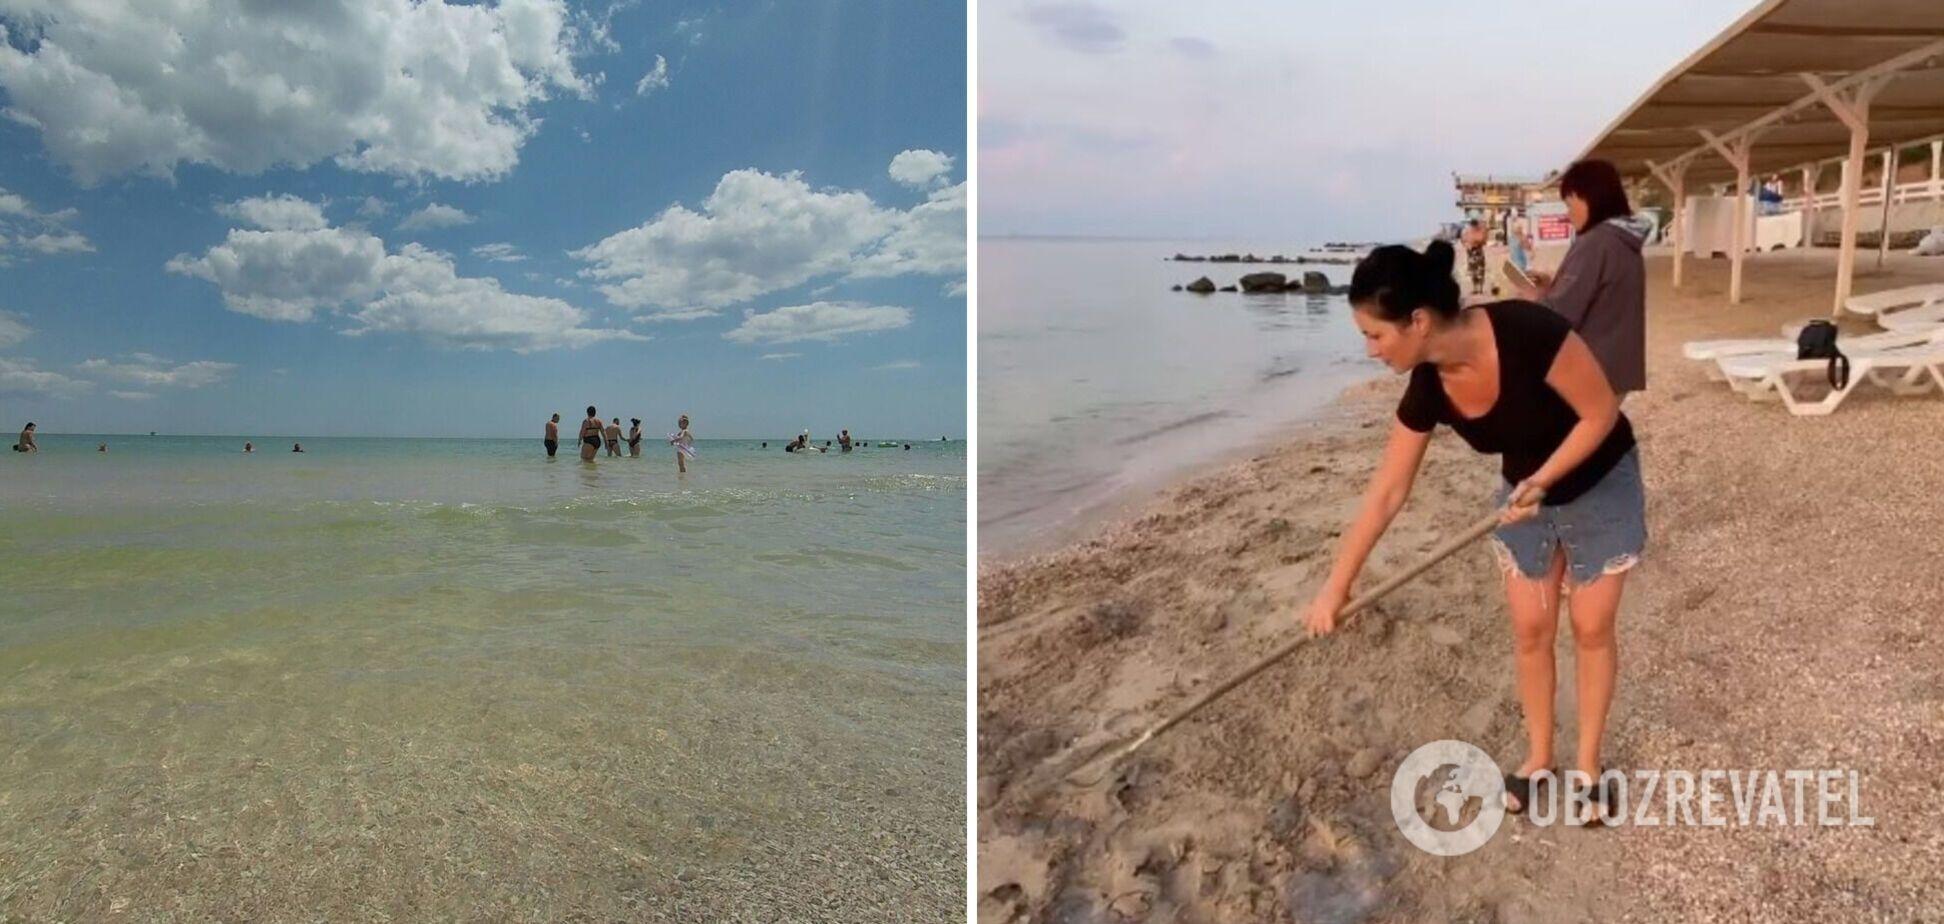 Побережье Кирилловки укрыто медузами: туристы берут на пляж лопаты. Фото